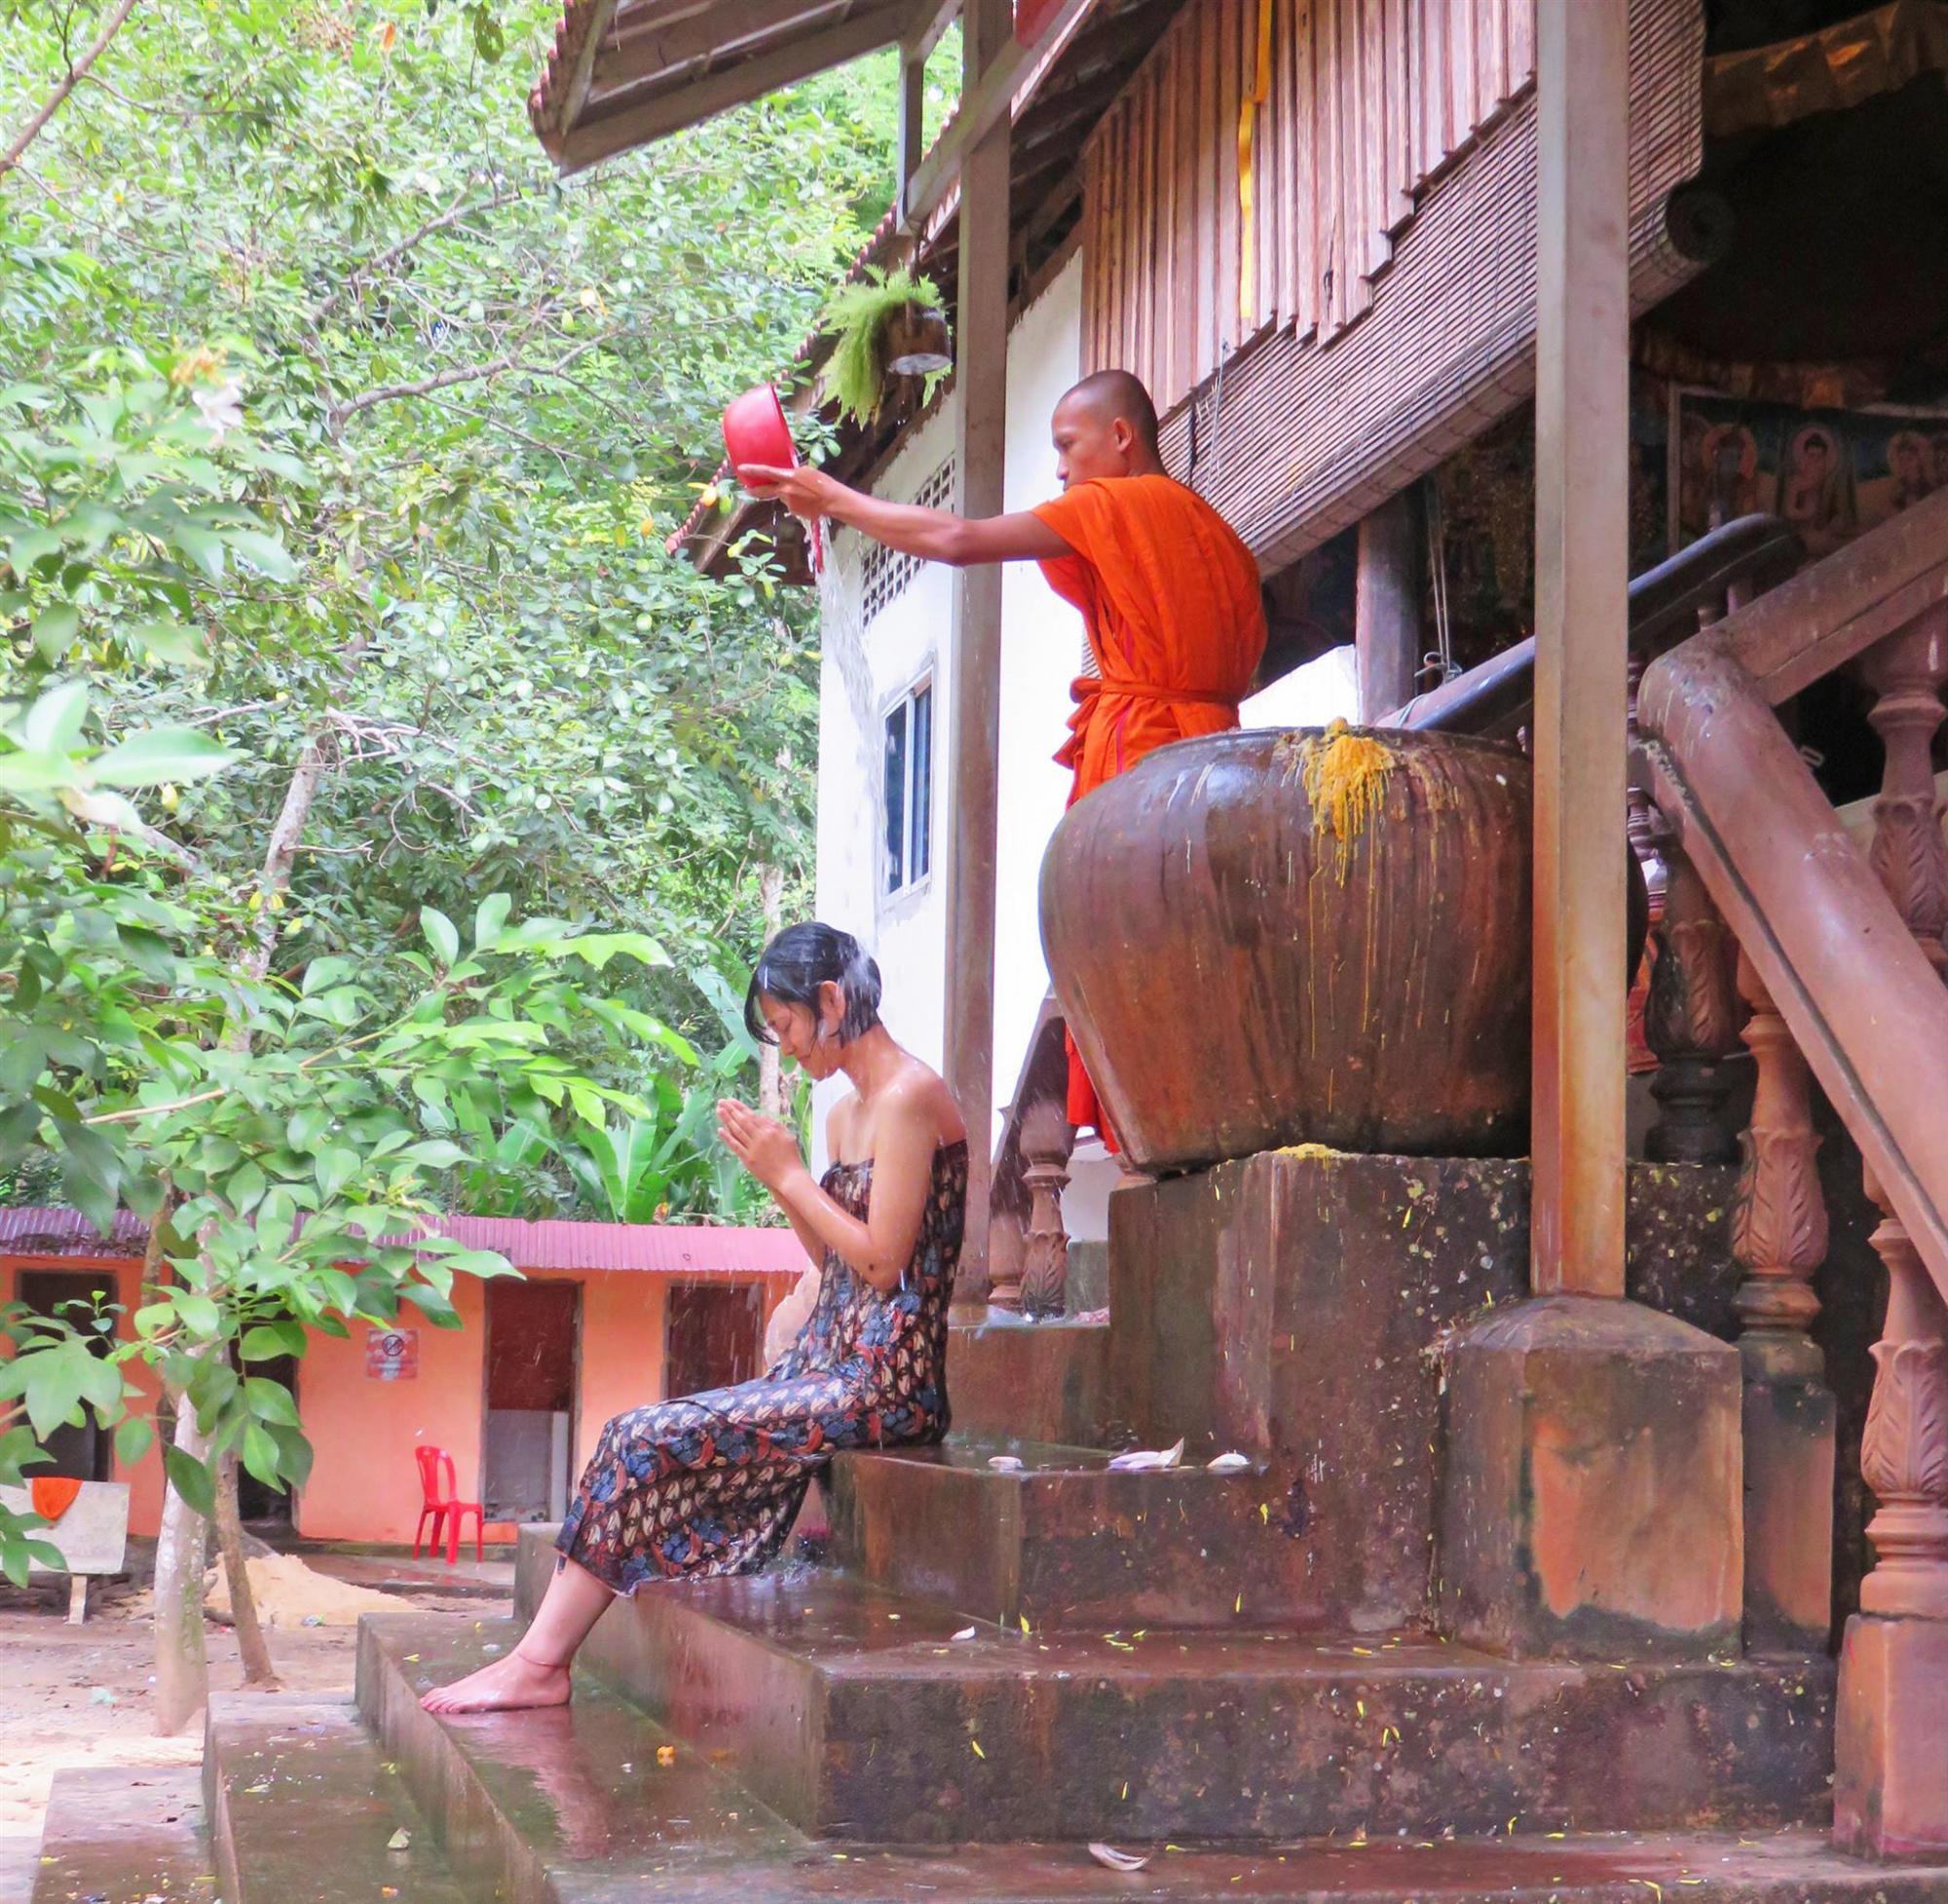 TUKTUK 僧侶による水かけ厄払い(ガイド有り)